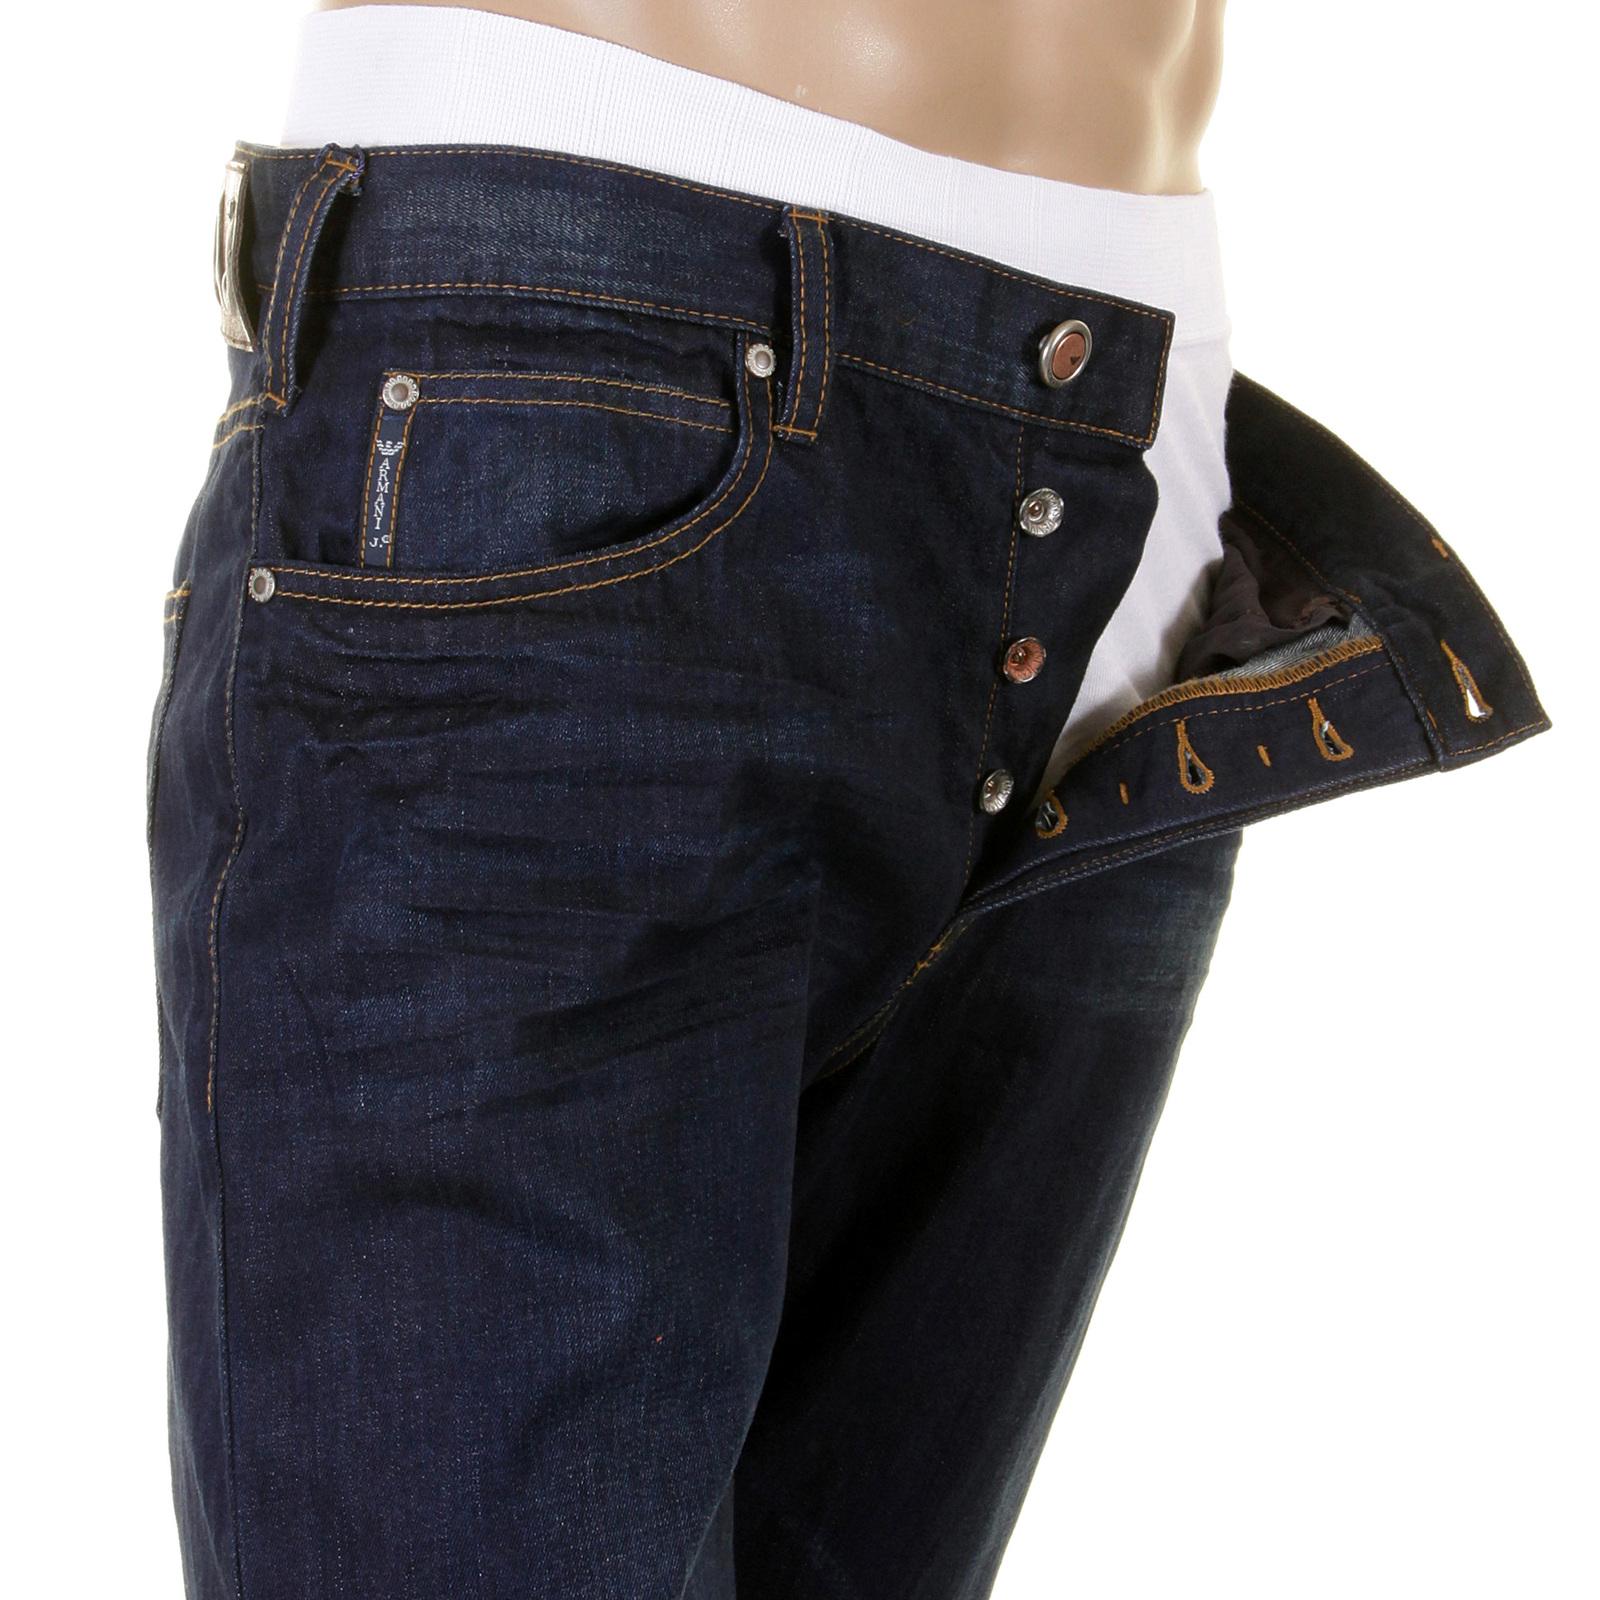 887a7badff66 Armani Jeans J21 regular fit dark indigo denim jean Q6J21 4P AJM2182 ...